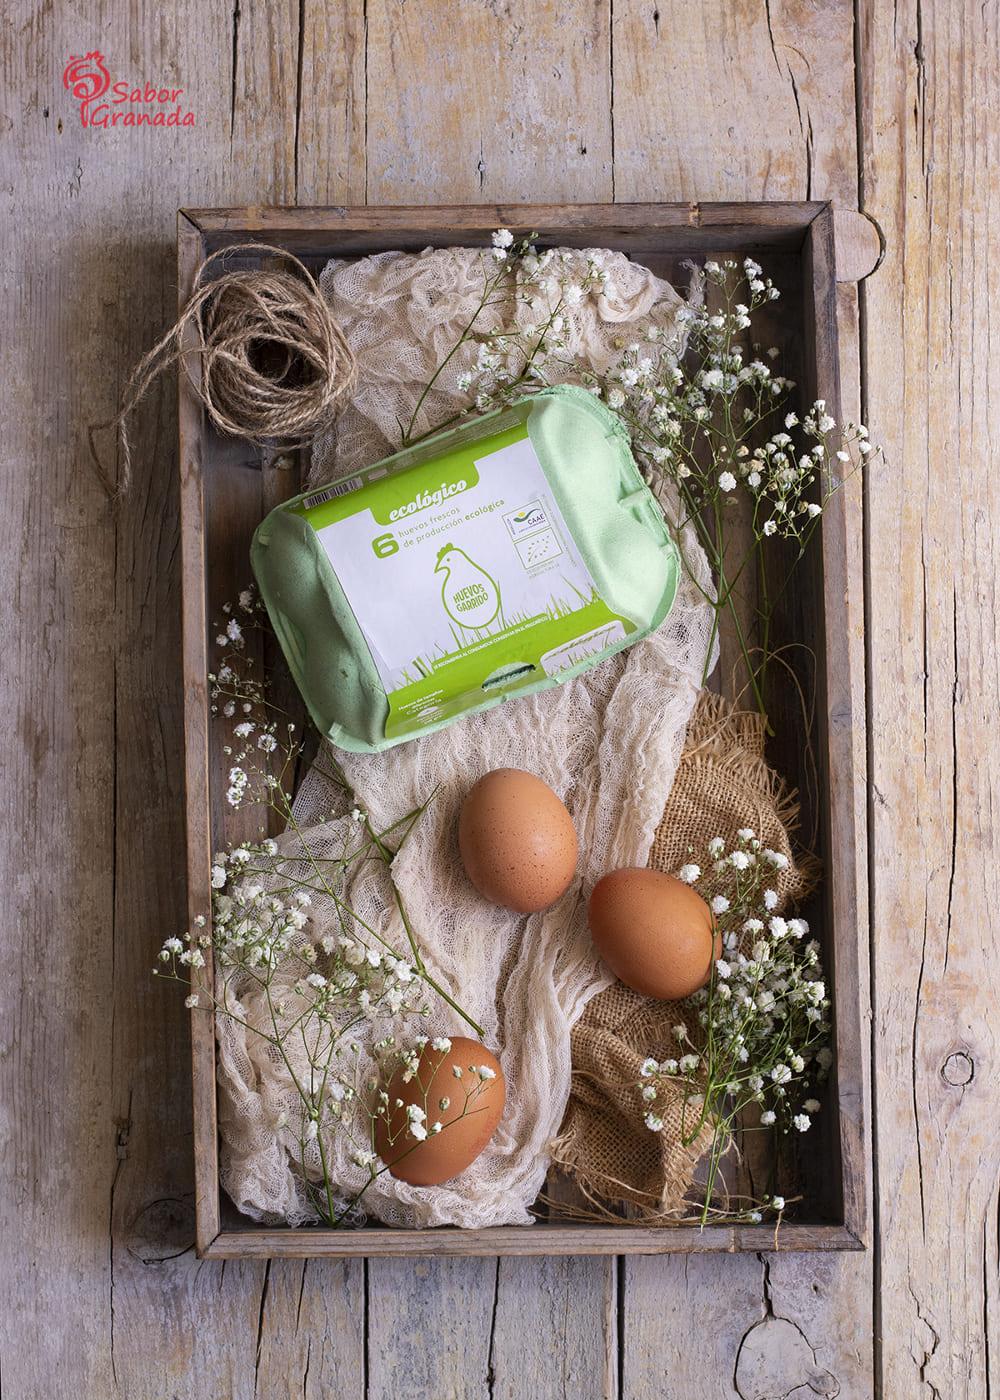 Huevos Garrido para la elaboración de flan de salmorejo - Sabor Granada